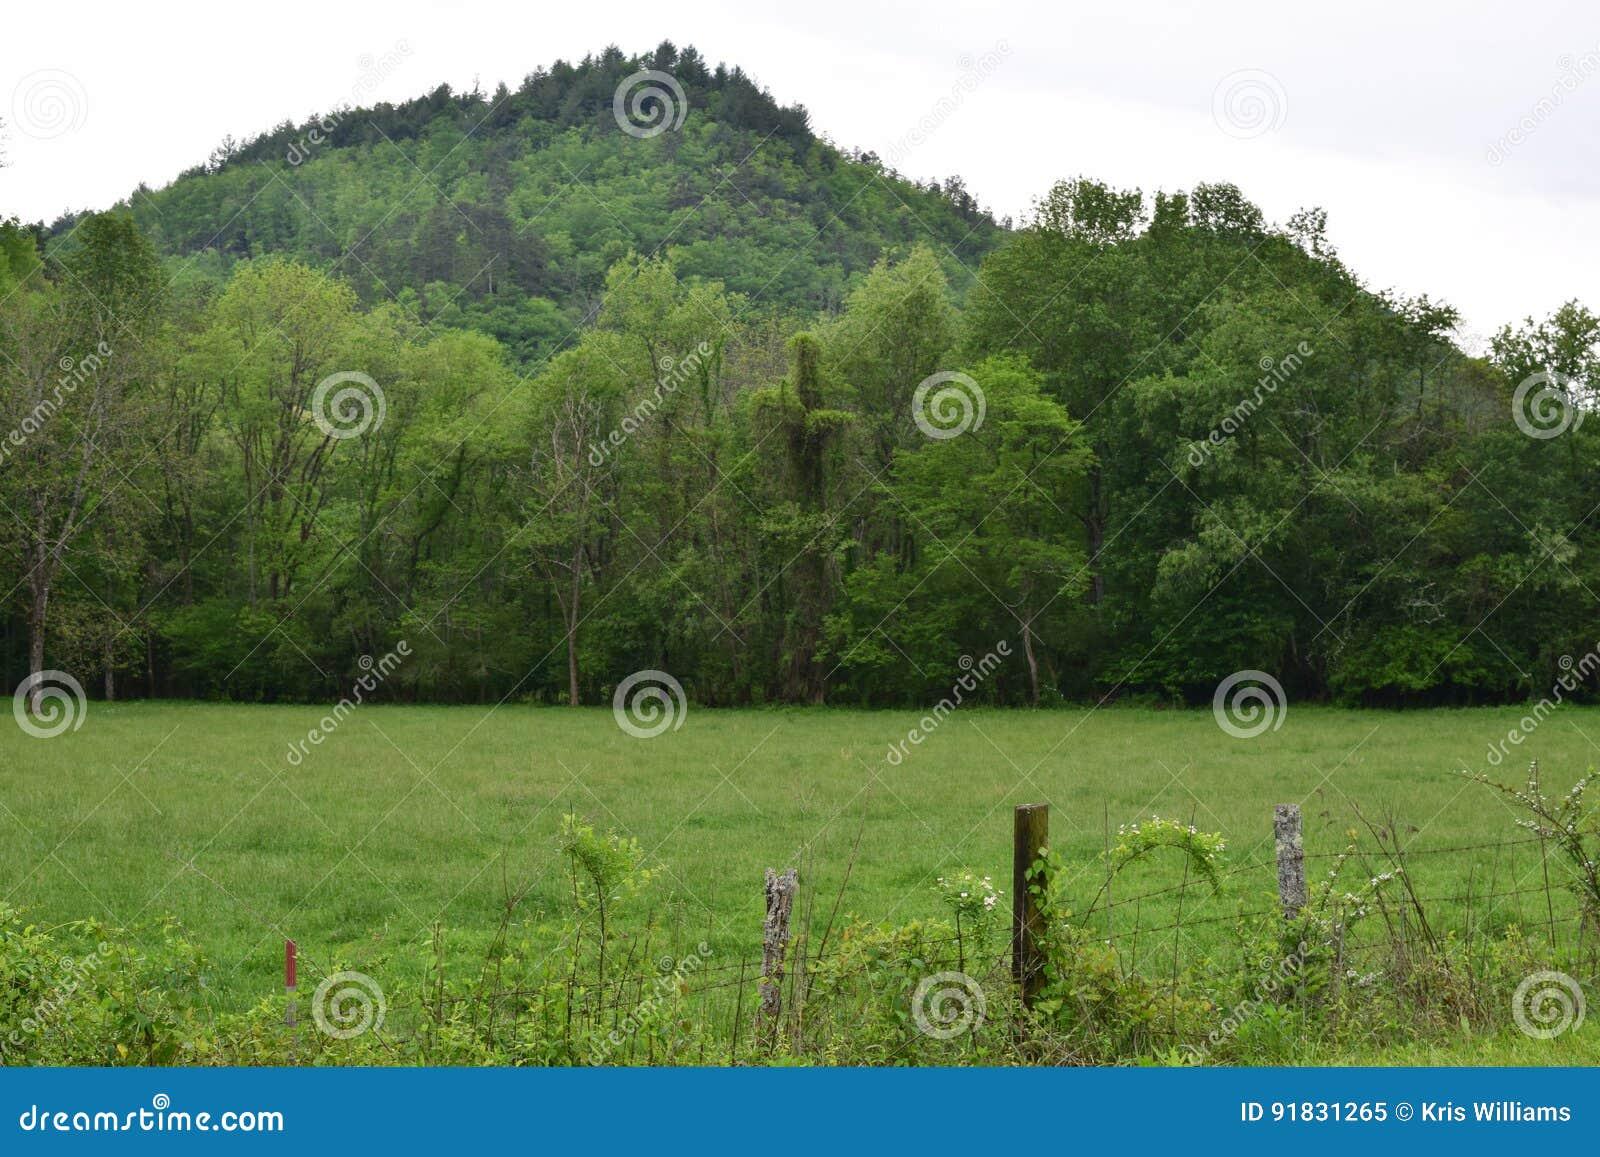 Western NC farm field